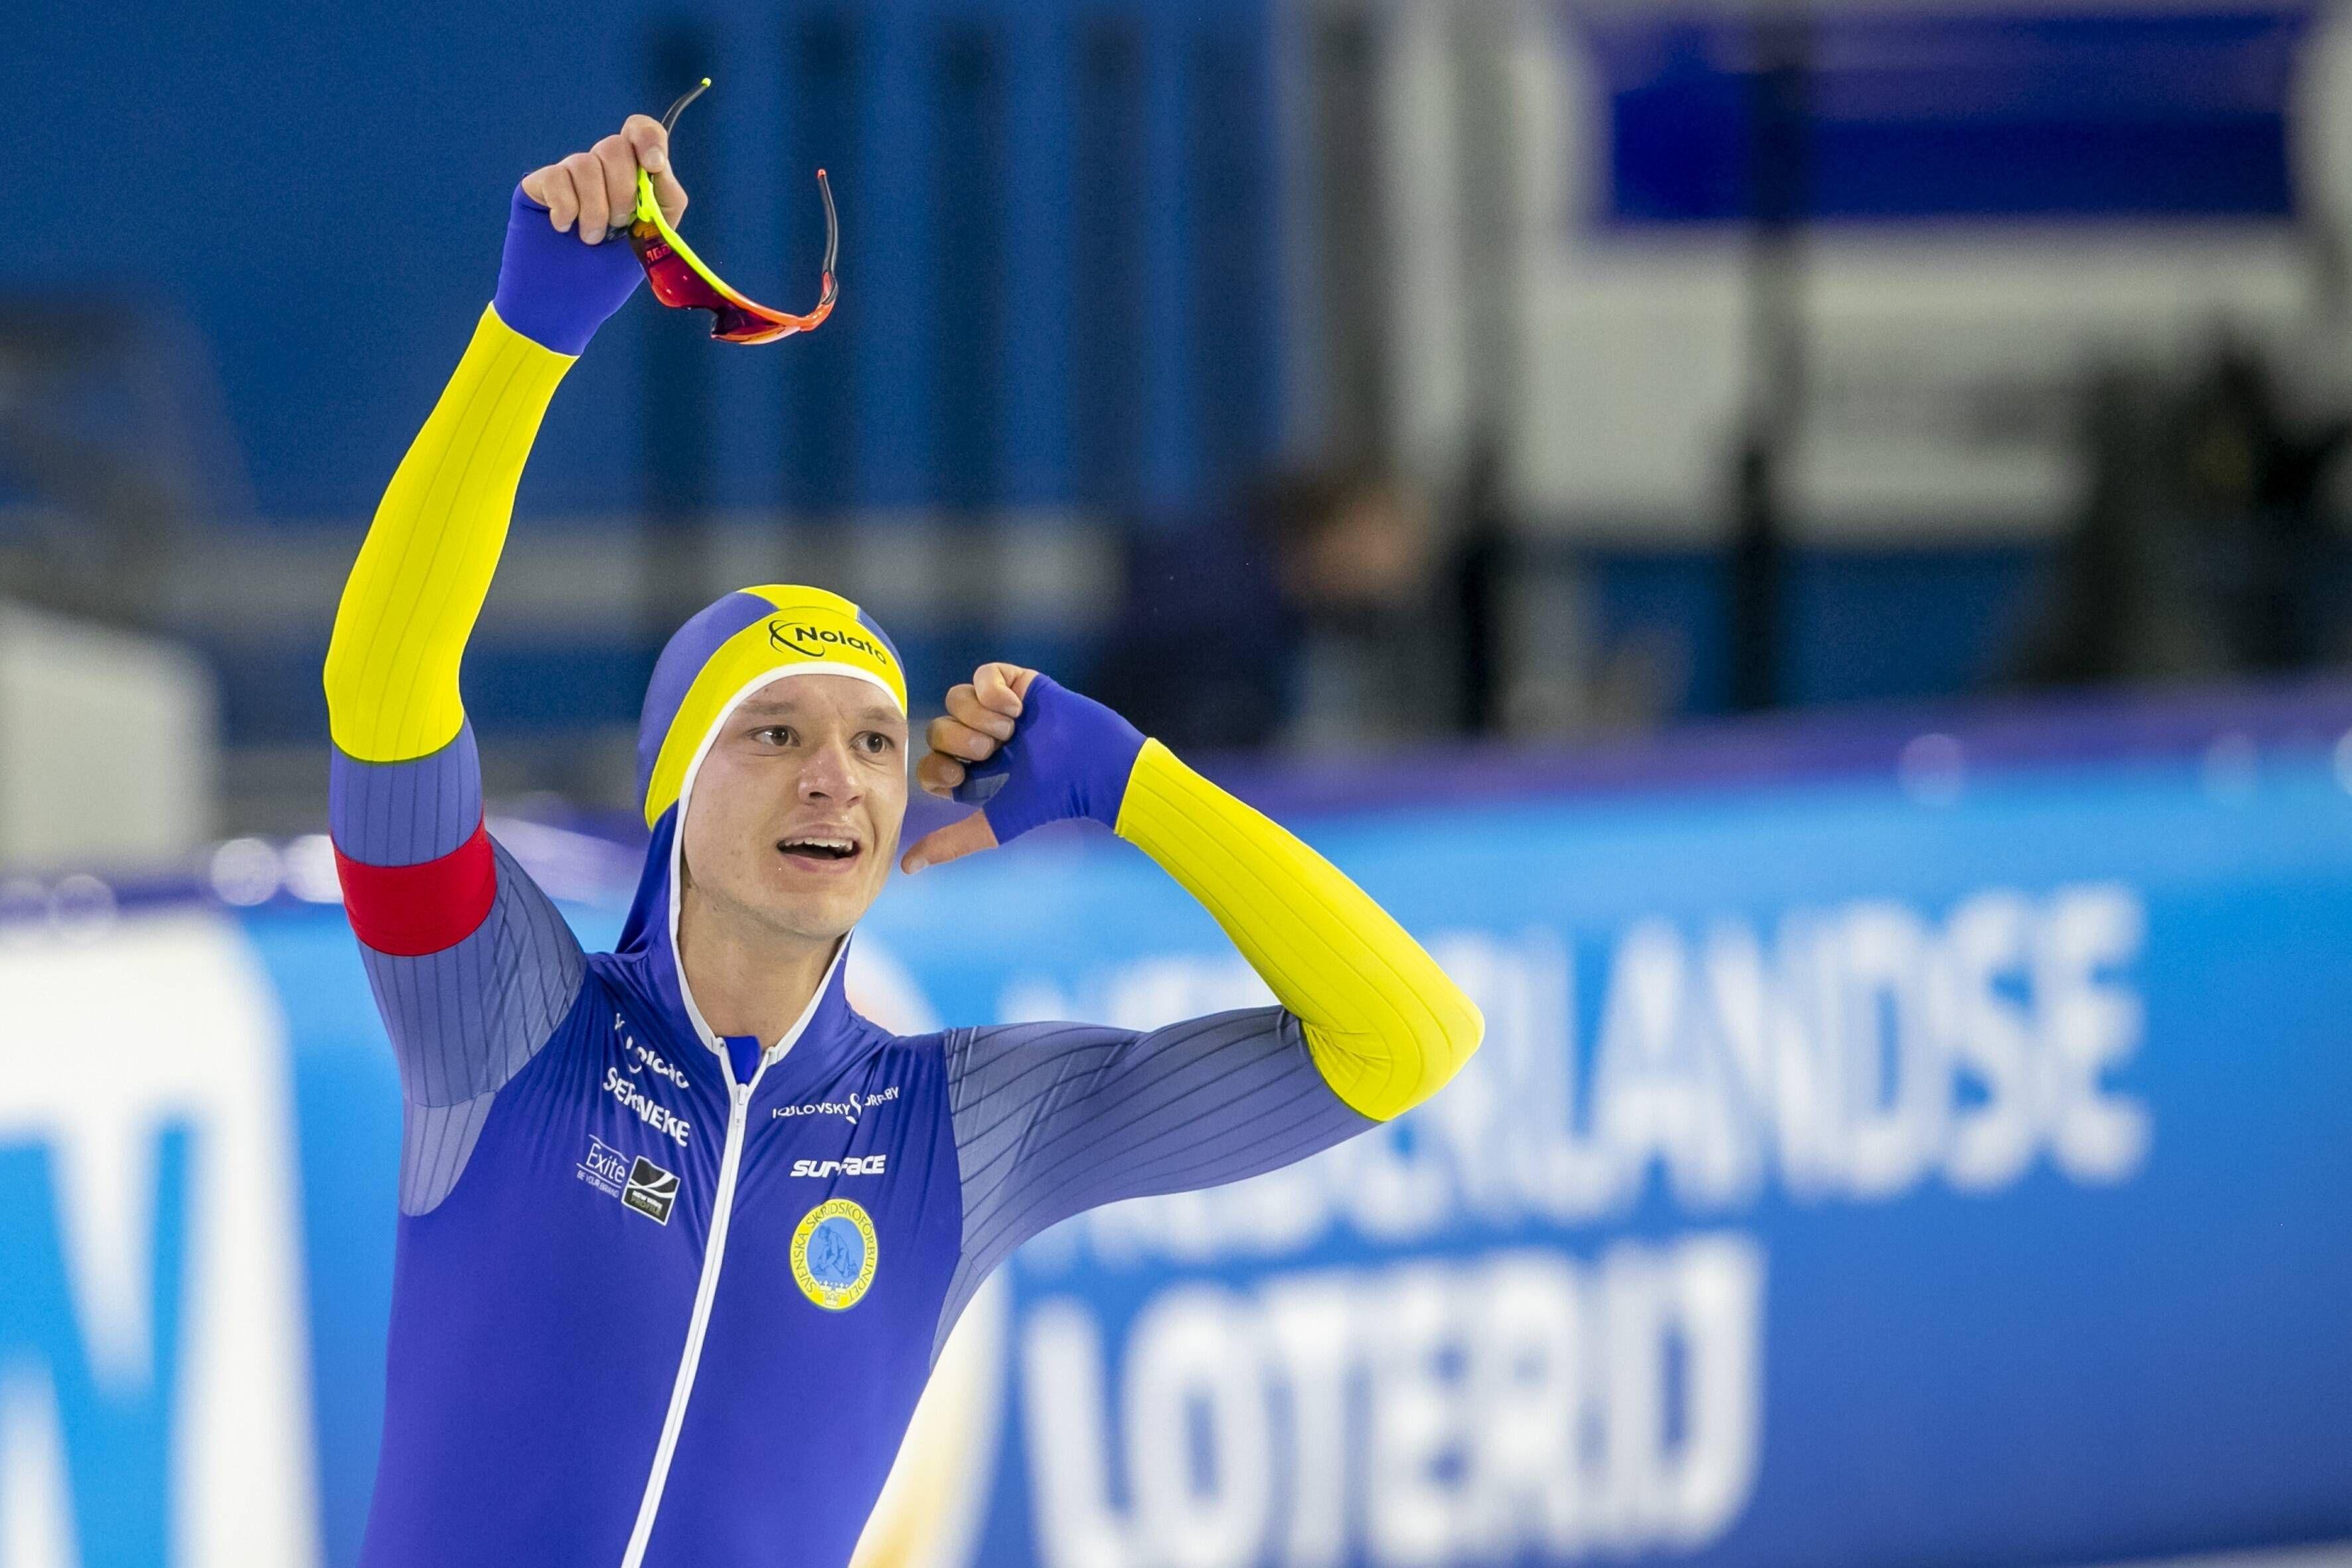 Кулижников завоевал серебро ЧМ-2021 по конькобежному спорту